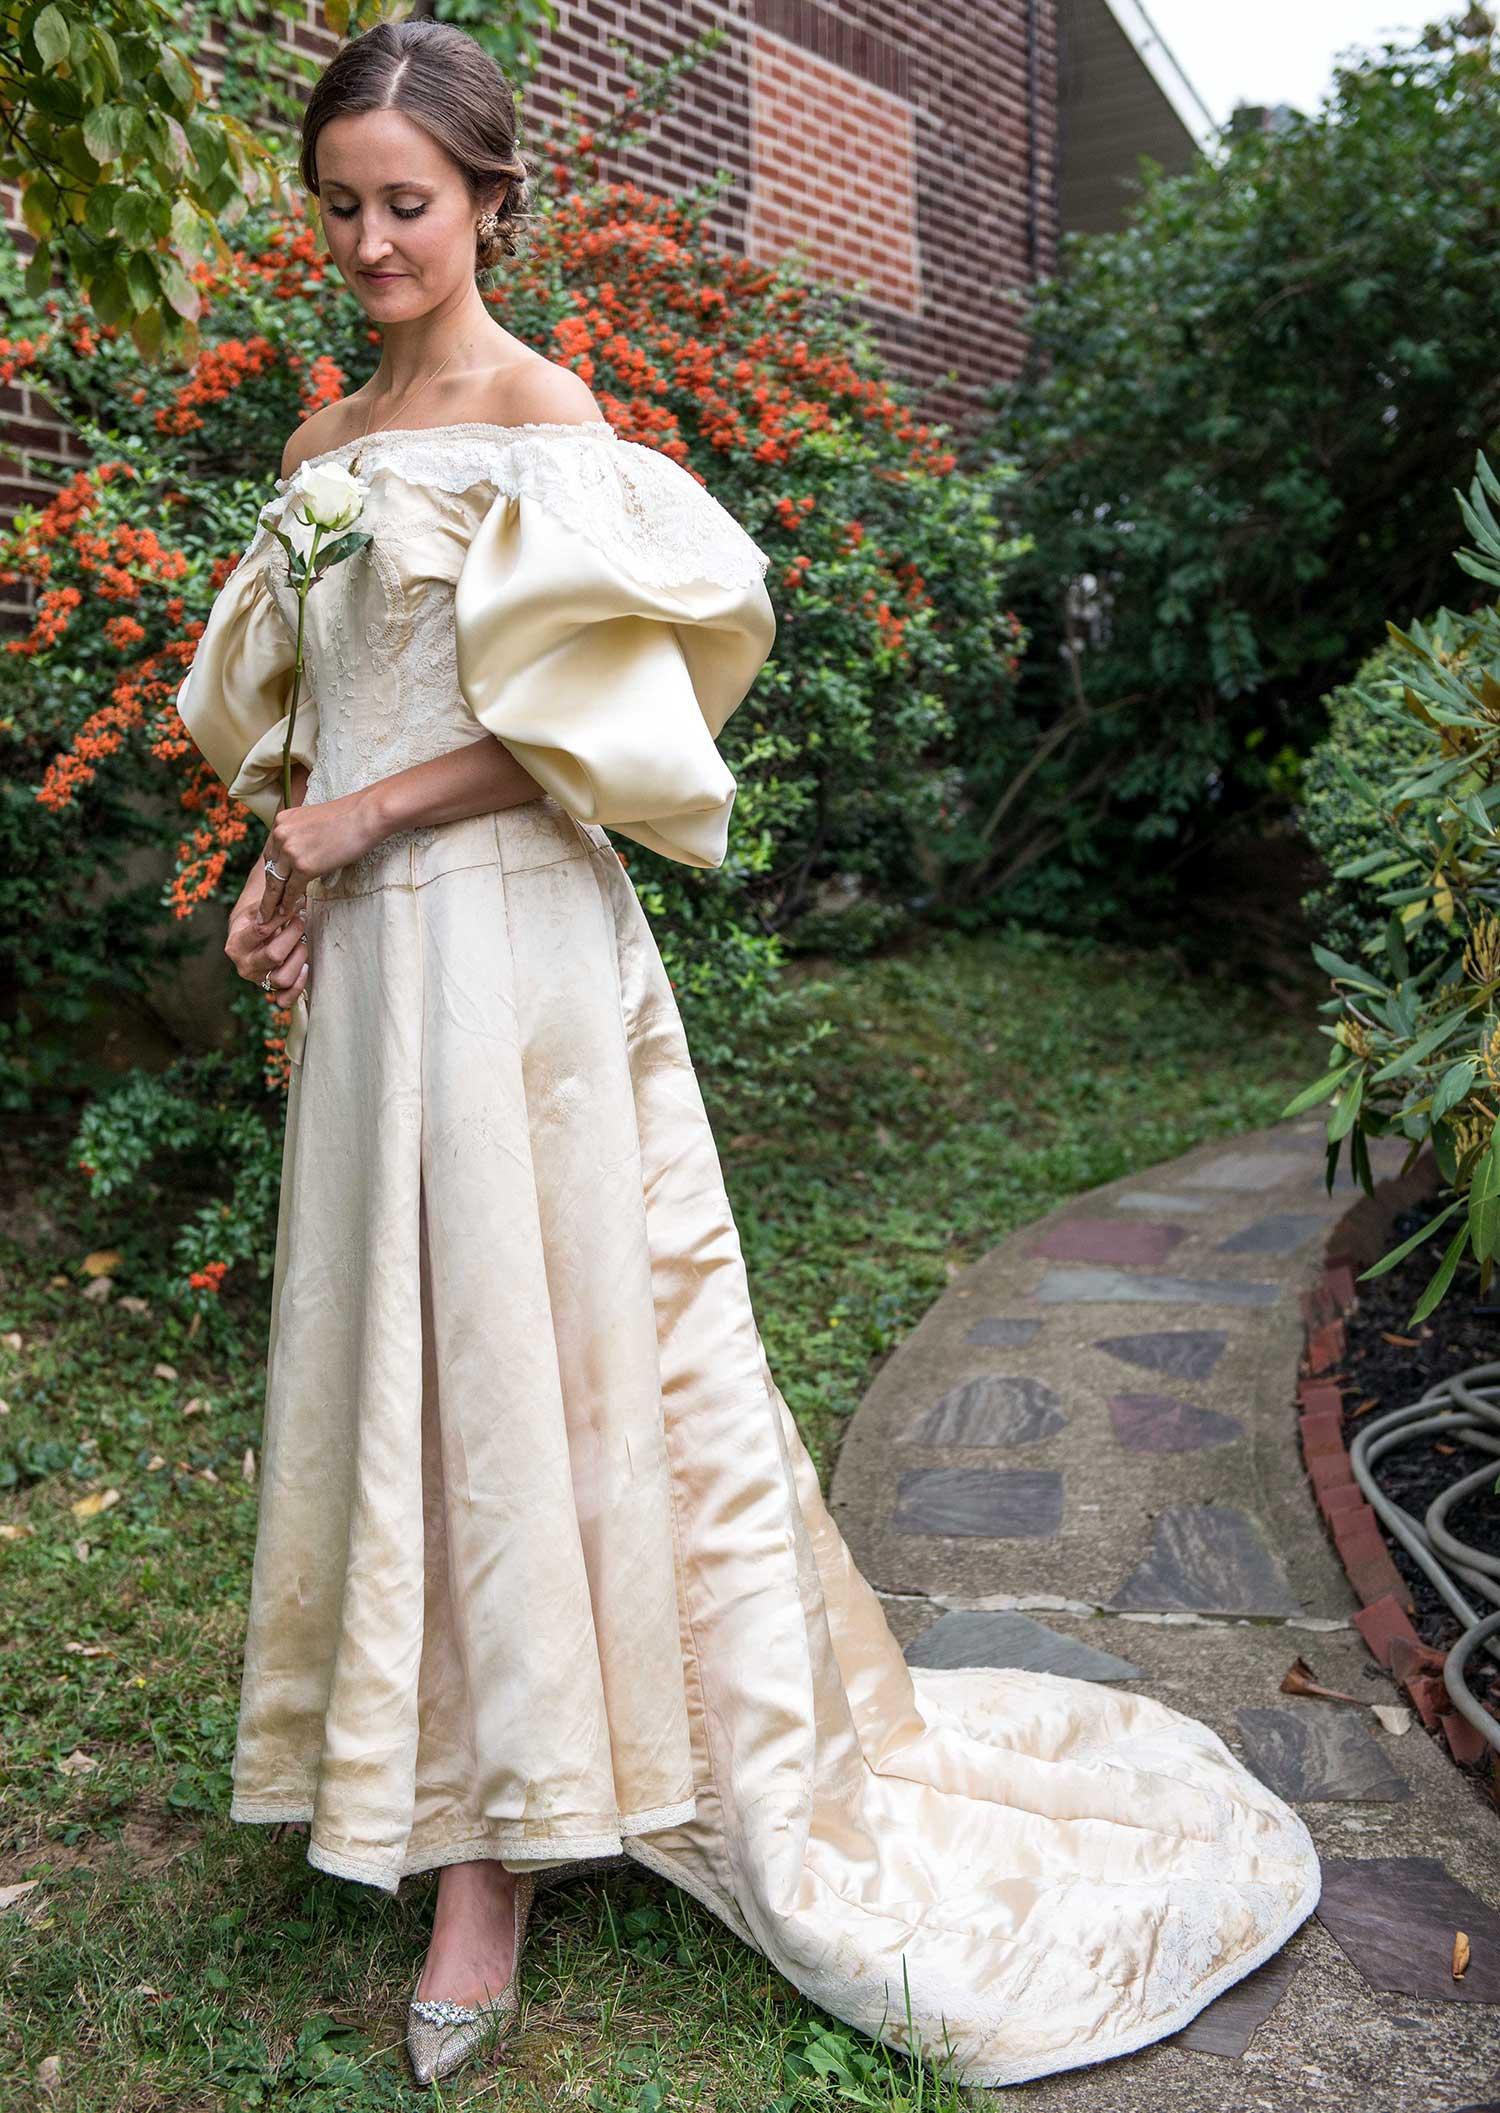 Todo mundo viu este vestido de noiva de 120 anos de antiguidade, exceto uma pessoa 11